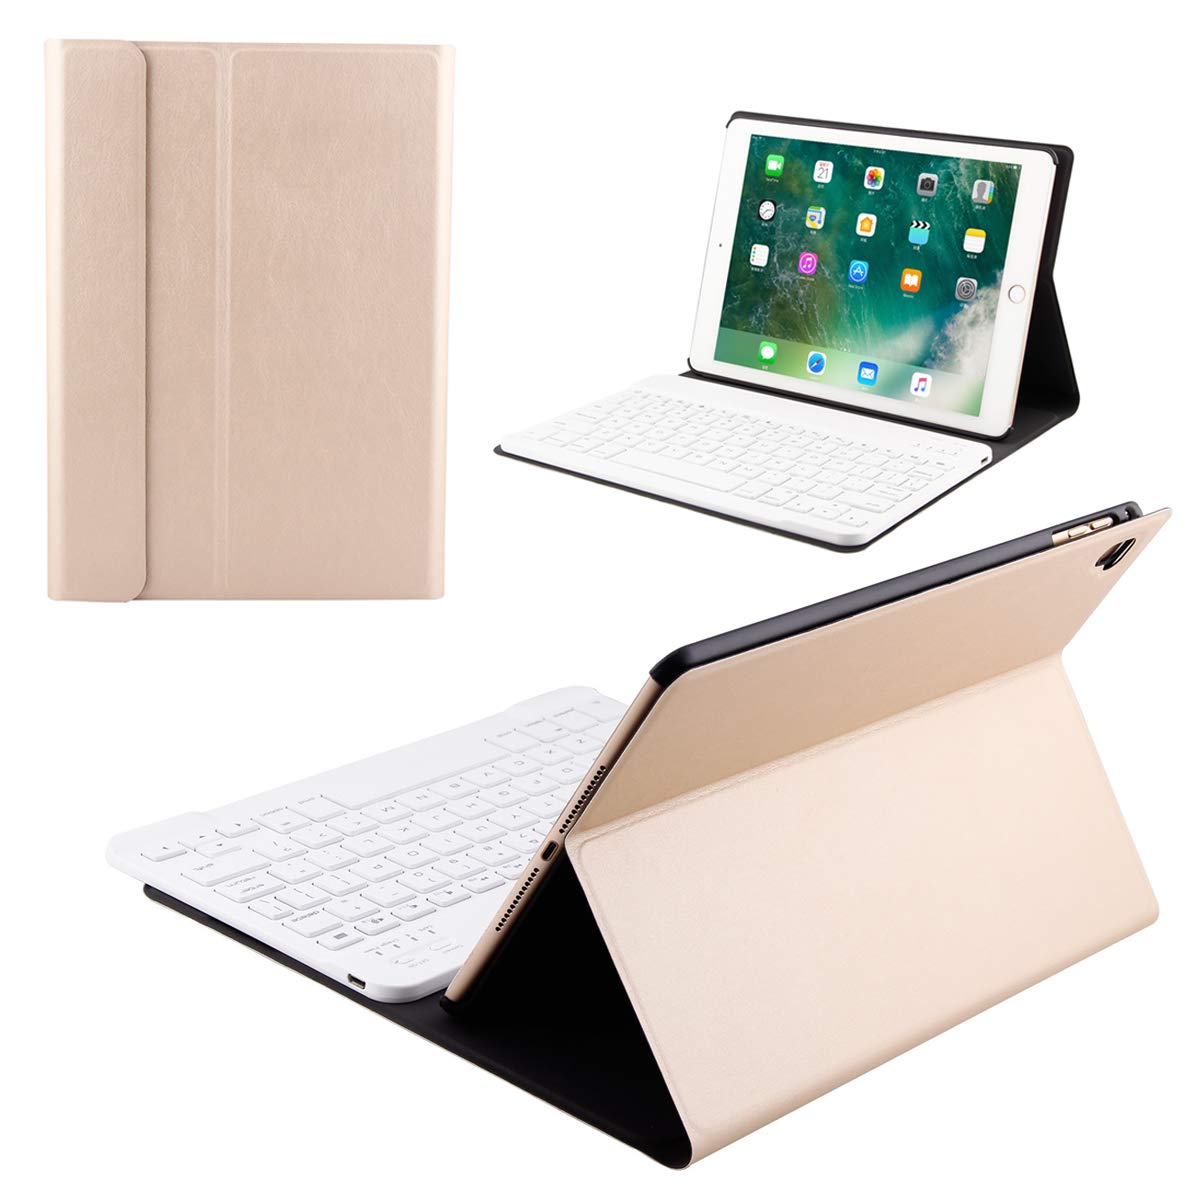 安価 Happon iPad Pro ケース 10.5インチ 2017 キーボード ケース ゴールド スリム キーボード 軽量 スタンドカバー 磁気で取り外し可能 ワイヤレス キーボード iPad Pro 10.5インチ 2017に対応 0034-Q5-756 ゴールド B07KWHWTKH, Hokkaido Made ホッカイドウメイド:fa9330fb --- a0267596.xsph.ru